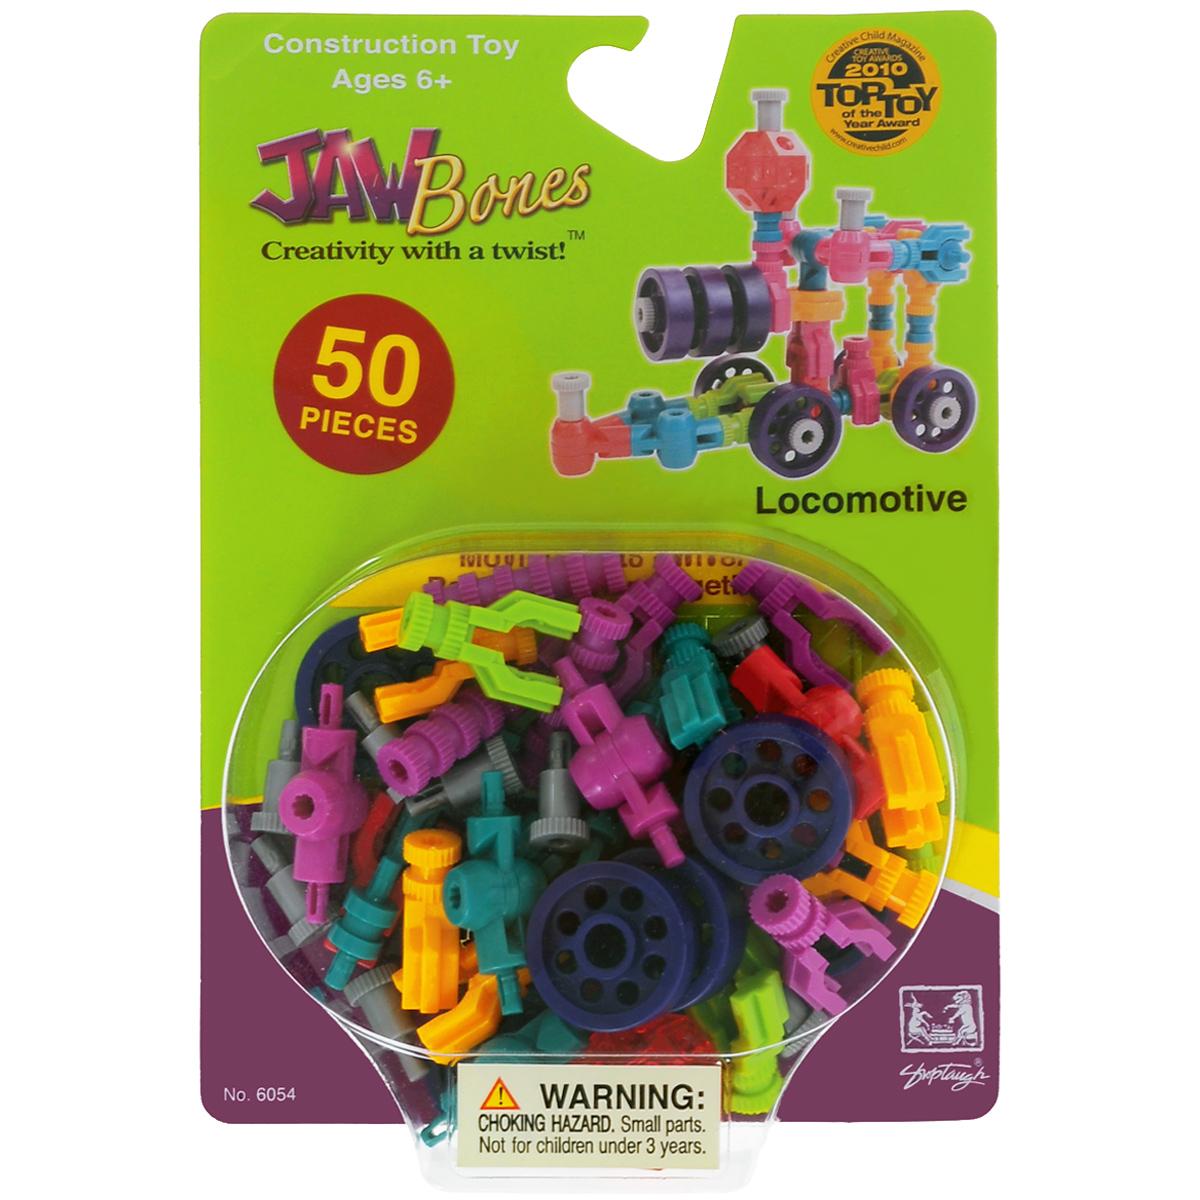 Jawbones Конструктор Паровоз6054Новый развивающий конструктор Jawbones непременно понравится вашему ребенку! При помощи красочных деталей, с уникальным креплением, можно собрать паровоз в оригинальном и неповторимом стиле. Конструктор состоит из 50 элементов разного размера, цвета и назначения. Ваш ребенок с удовольствием будет играть с конструктором, придумывая различные истории.